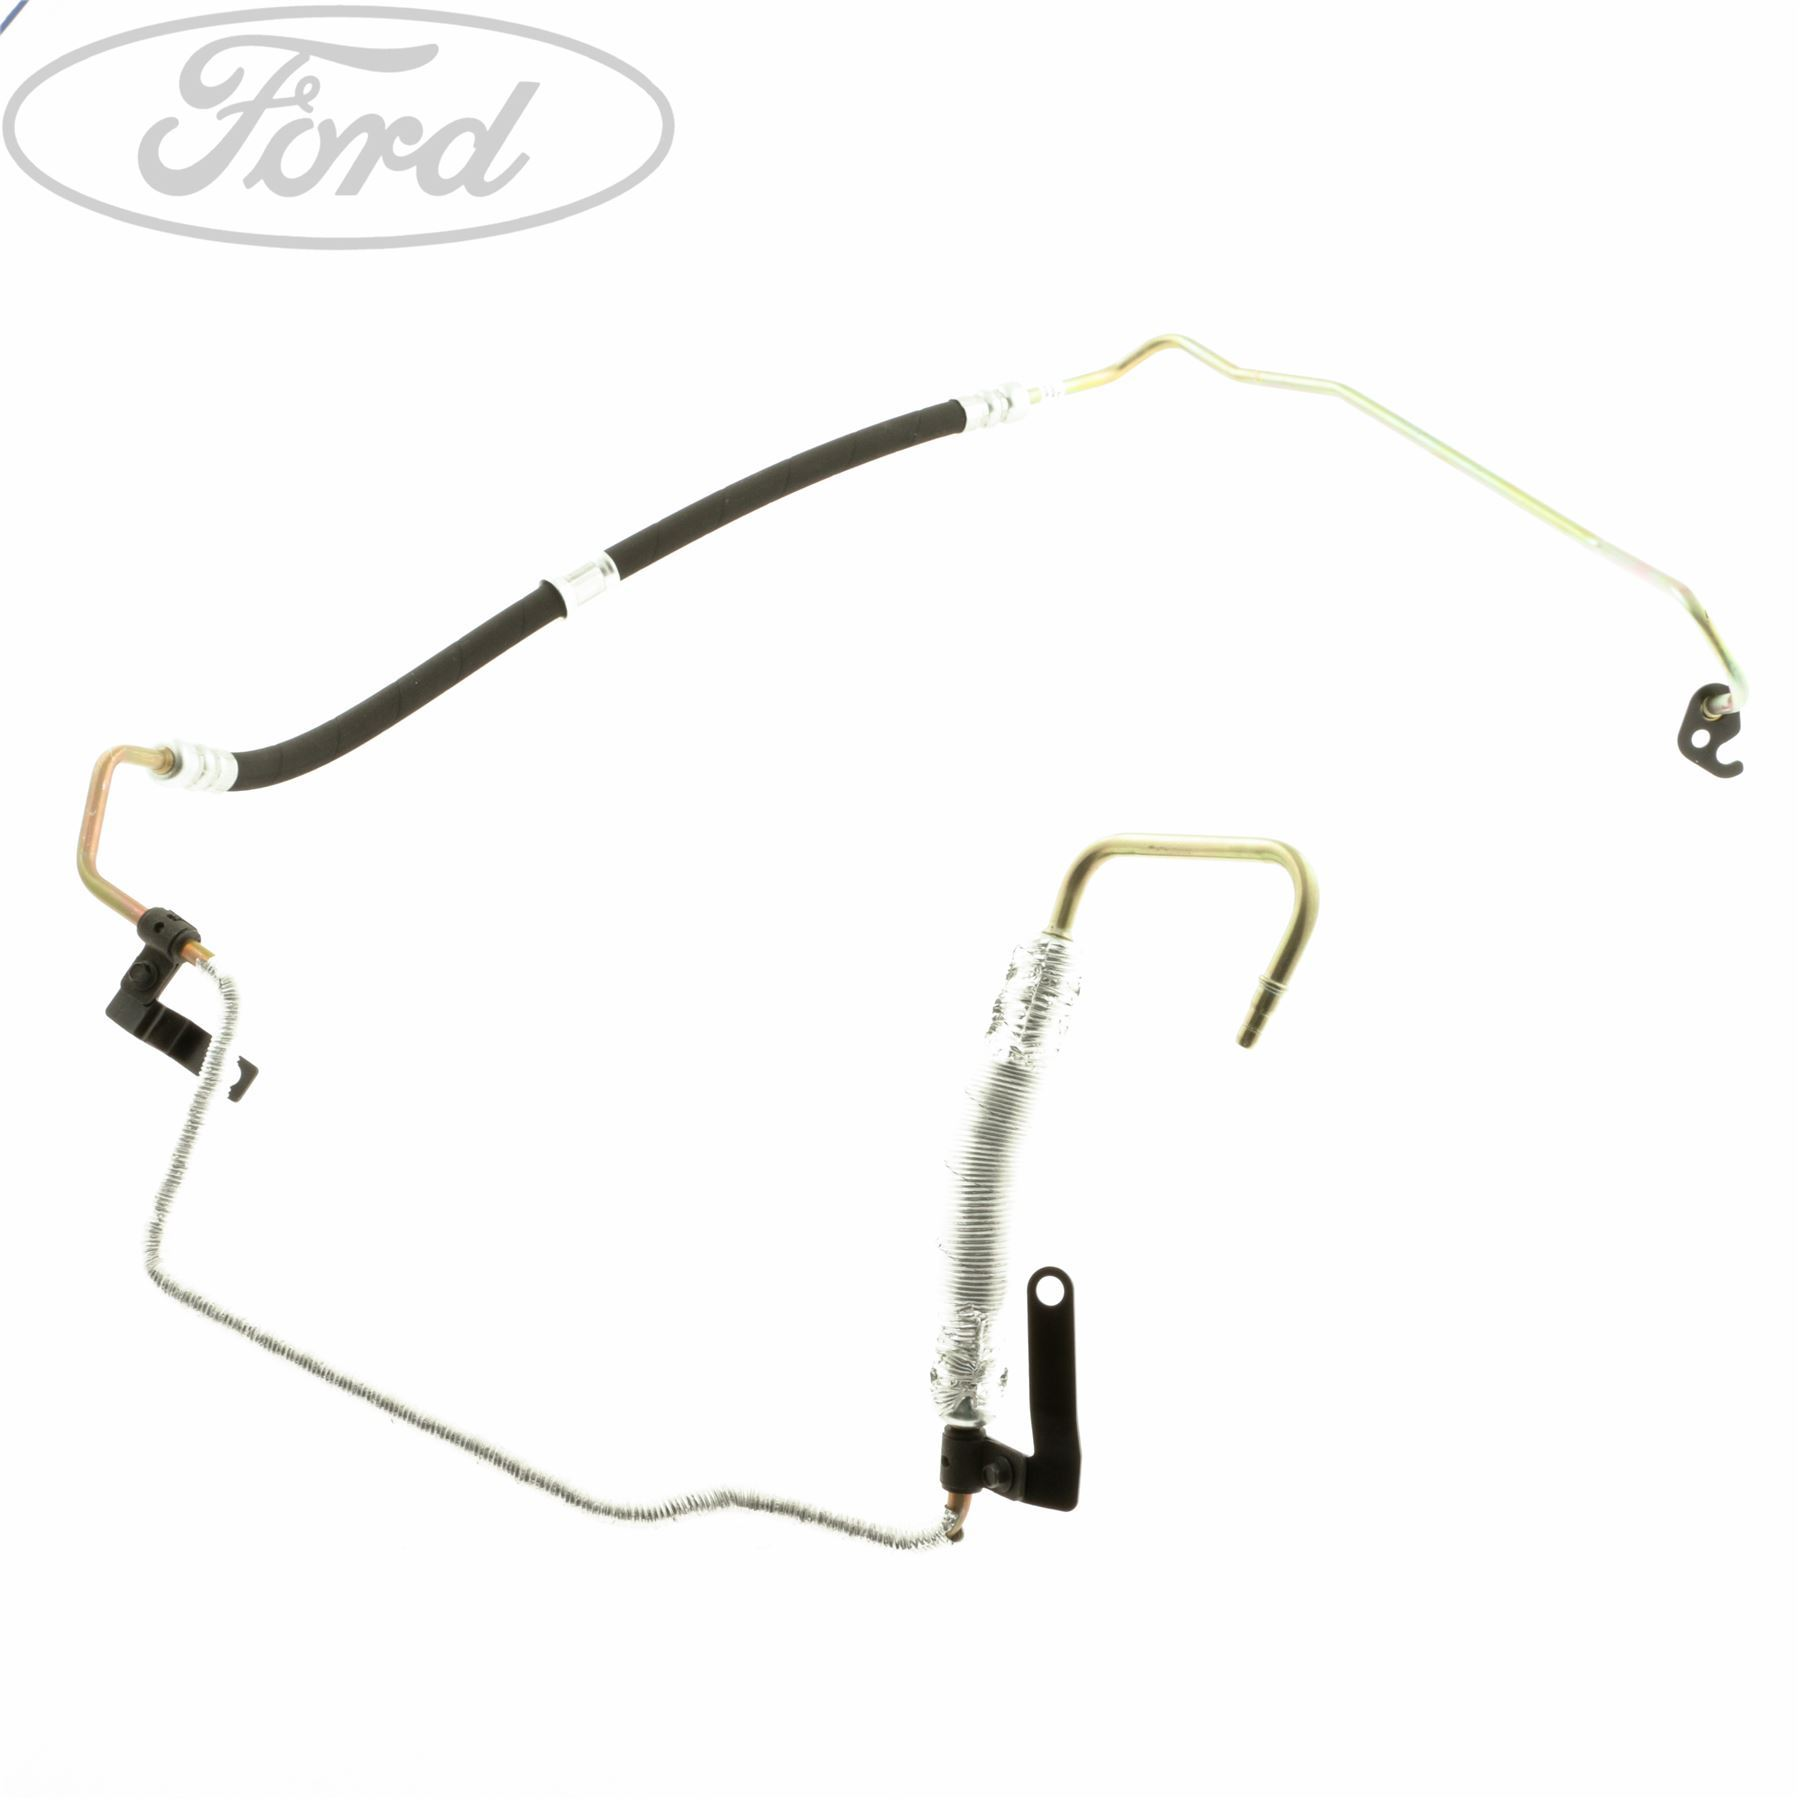 Genuine Ford Focus Mk1 Power Steering Hose